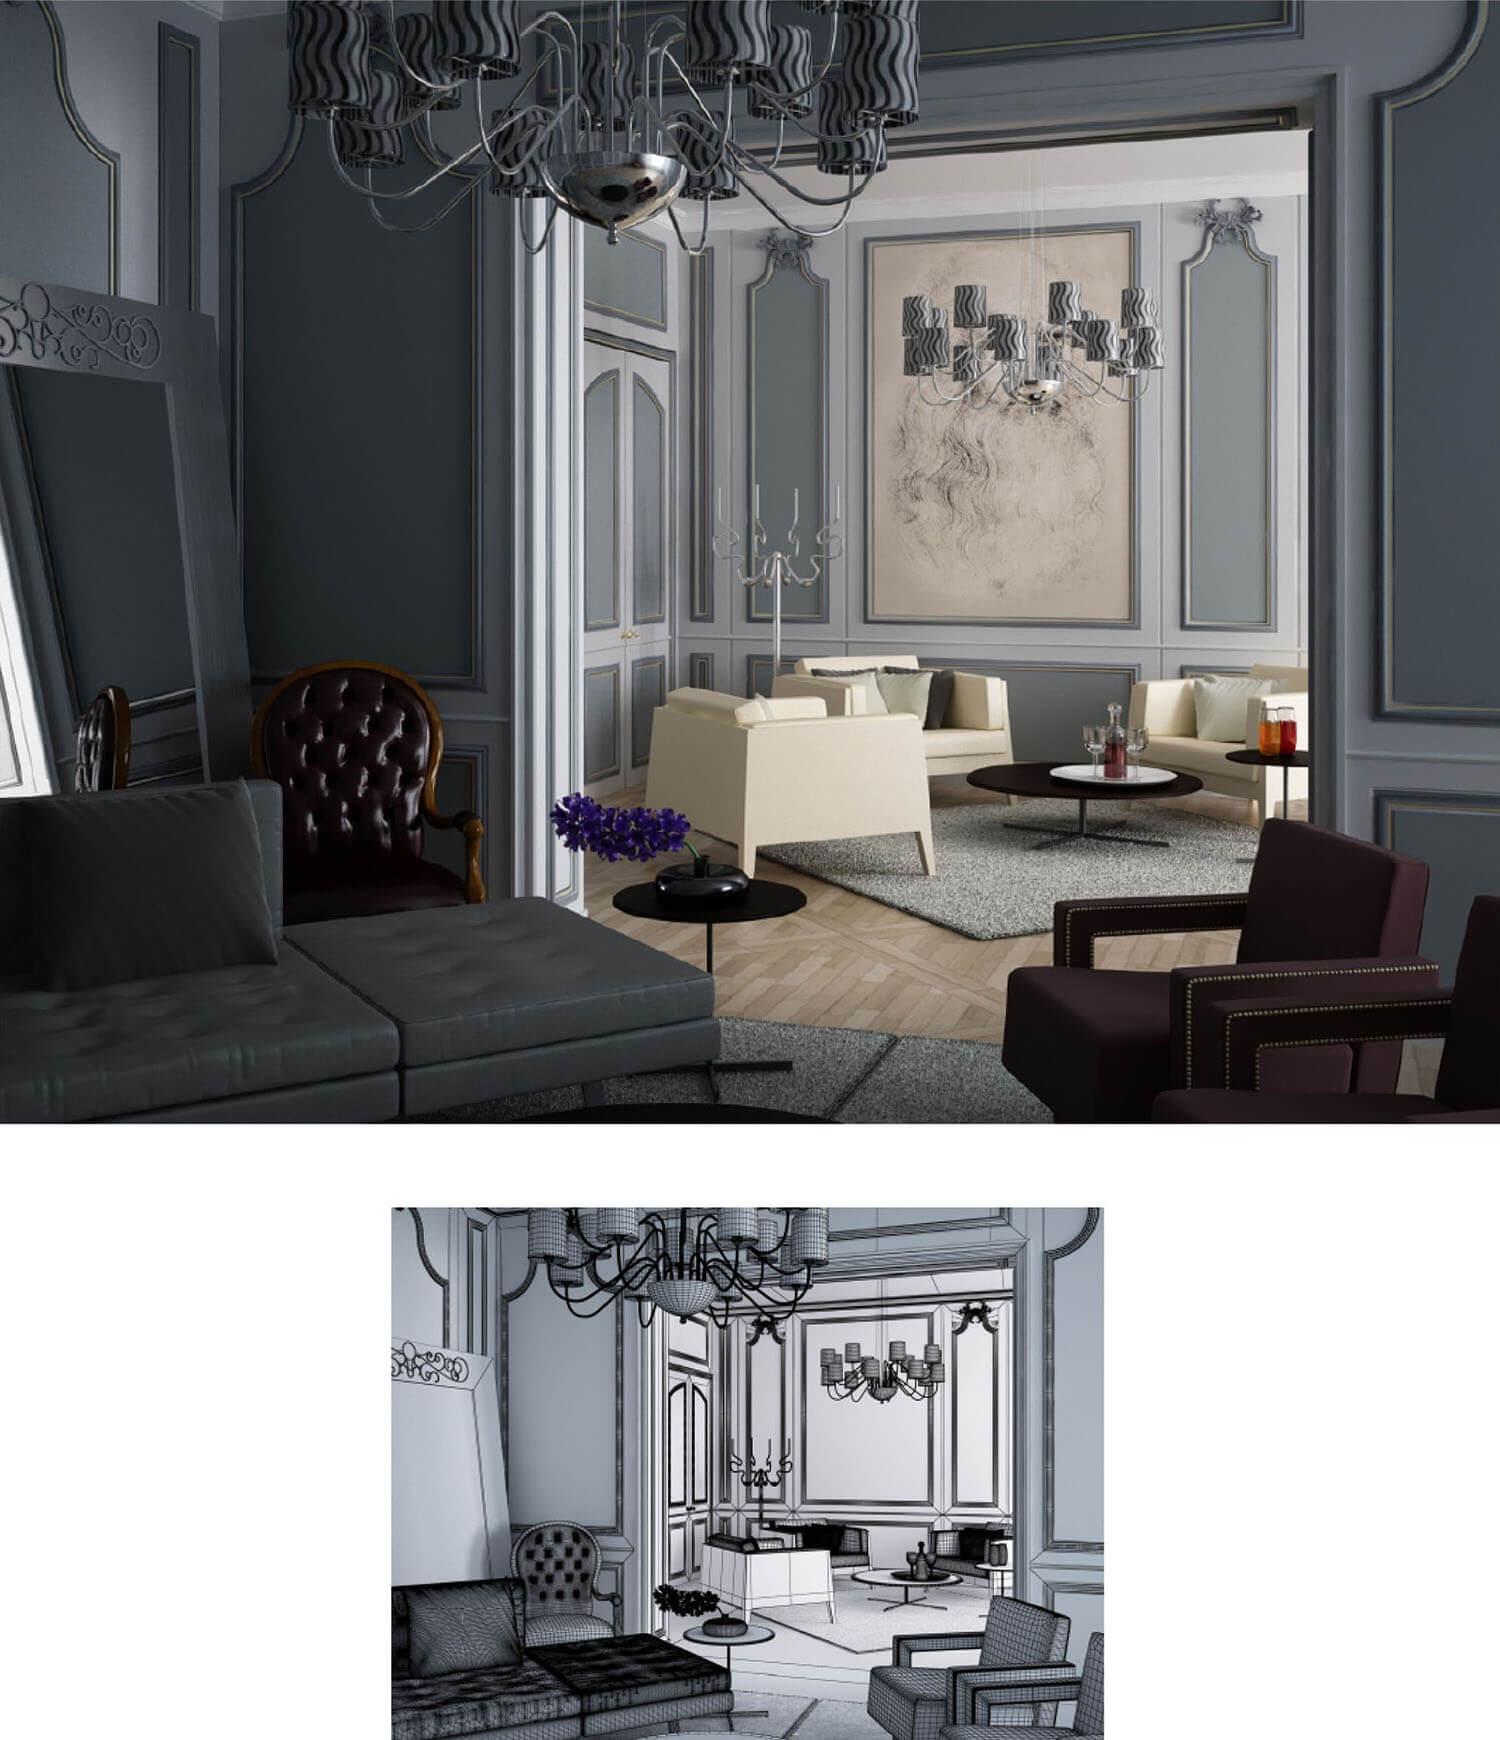 thiết kế phòng khách, nội thất phong cách cổ điển